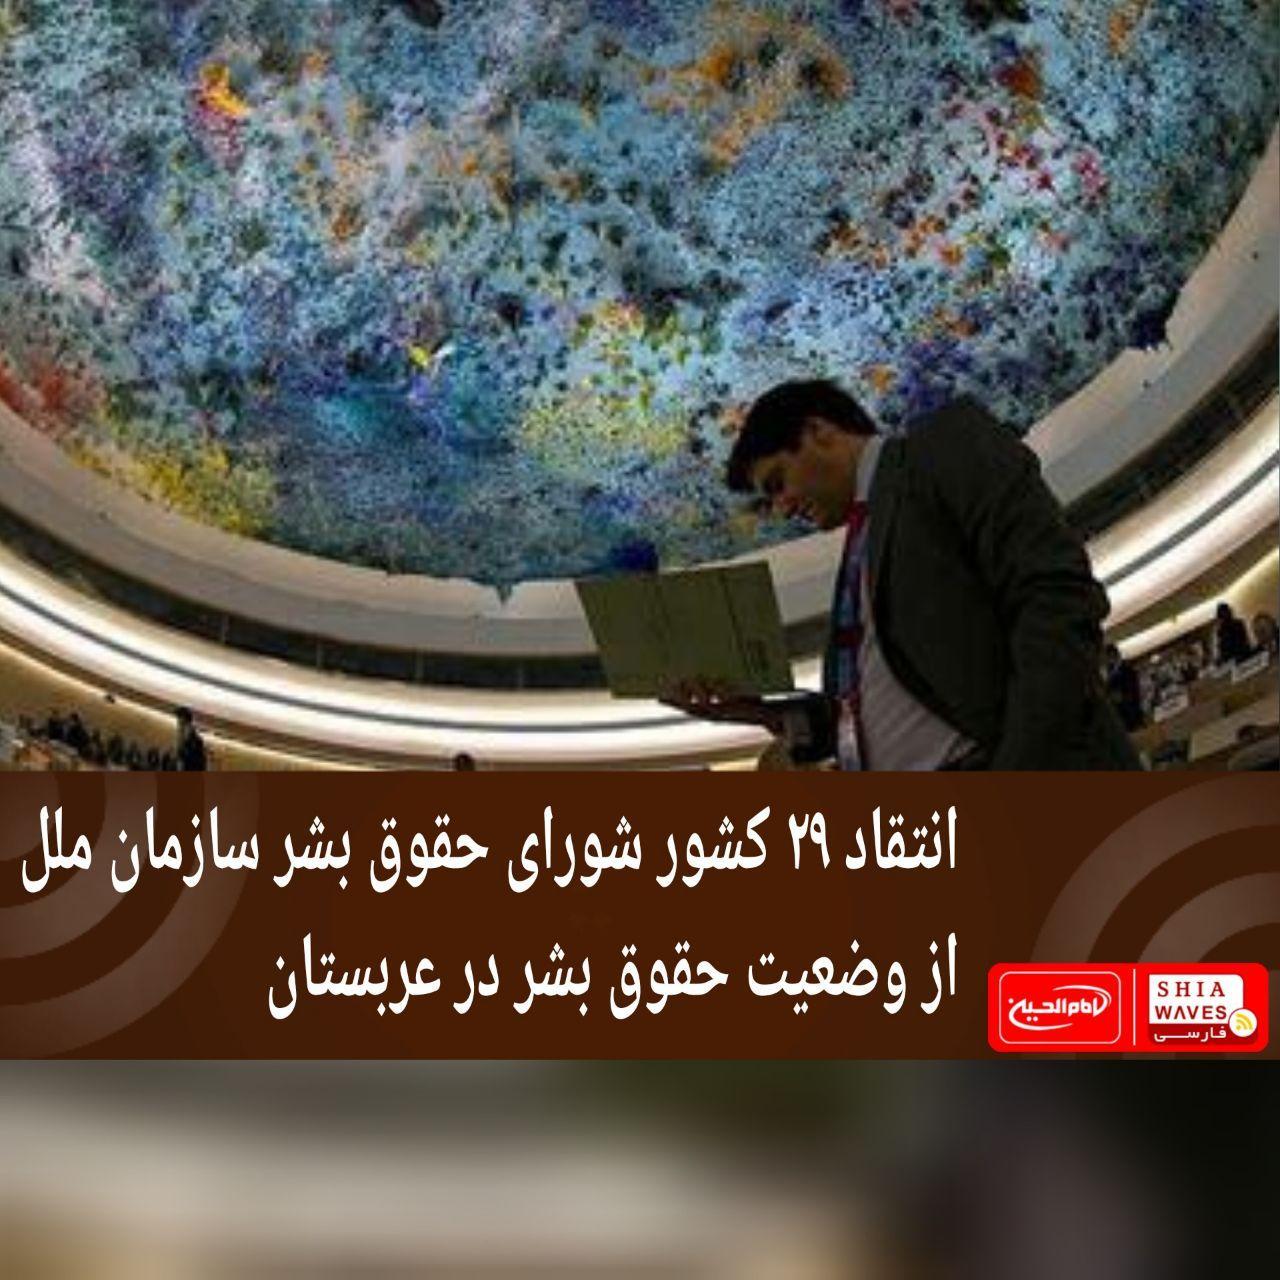 تصویر انتقاد ۲۹ کشور شورای حقوق بشر سازمان ملل از وضعیت حقوق بشر در عربستان